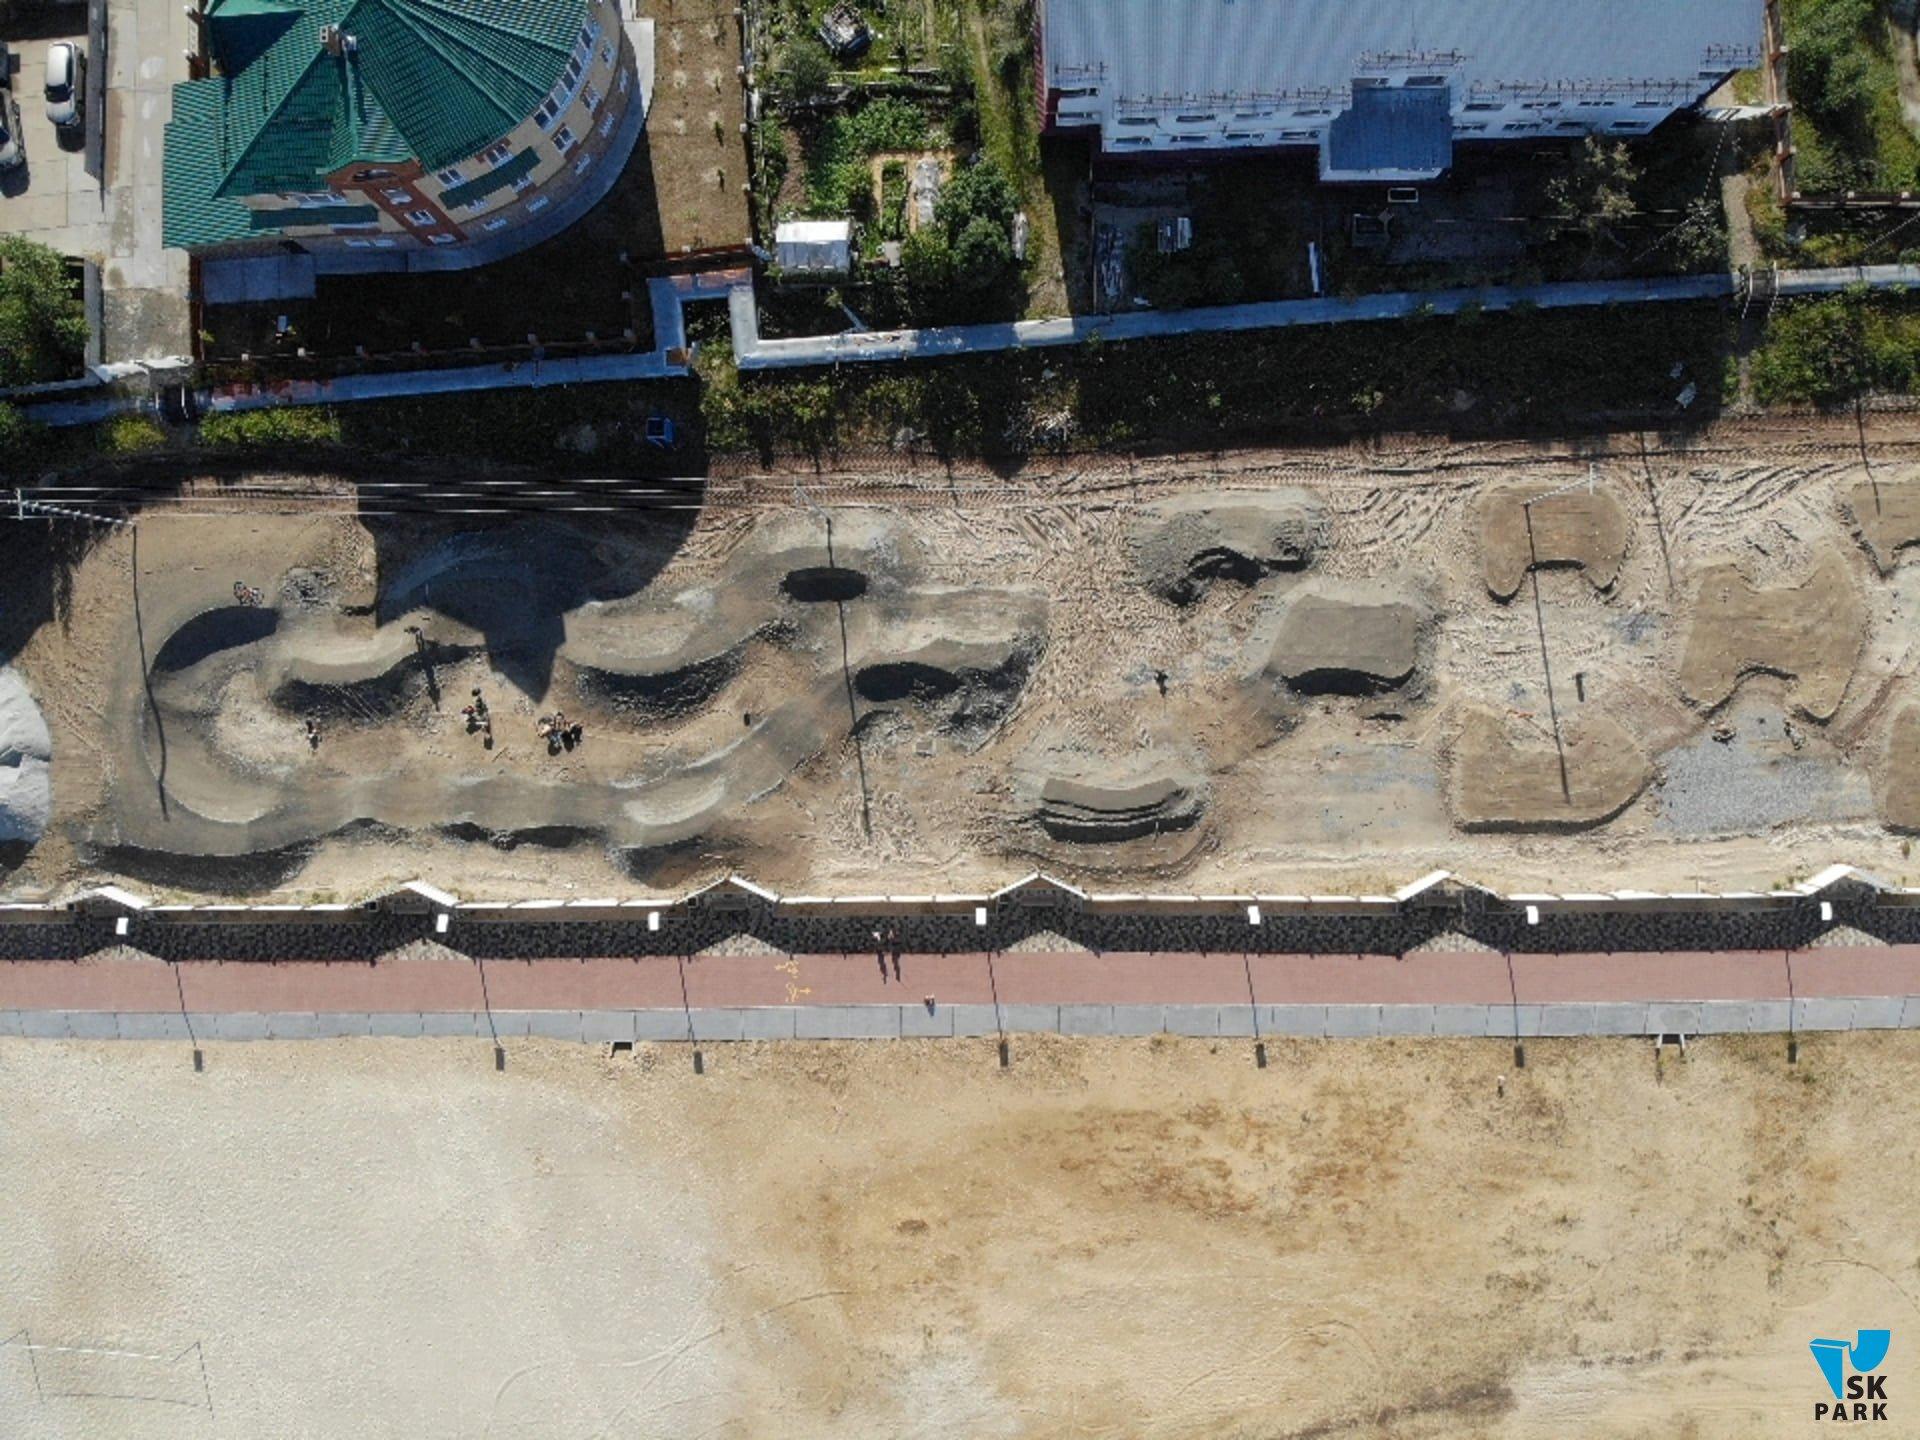 Компания SKpark приступила к строительству асфальтированного памп трека в г. Тарко Сале